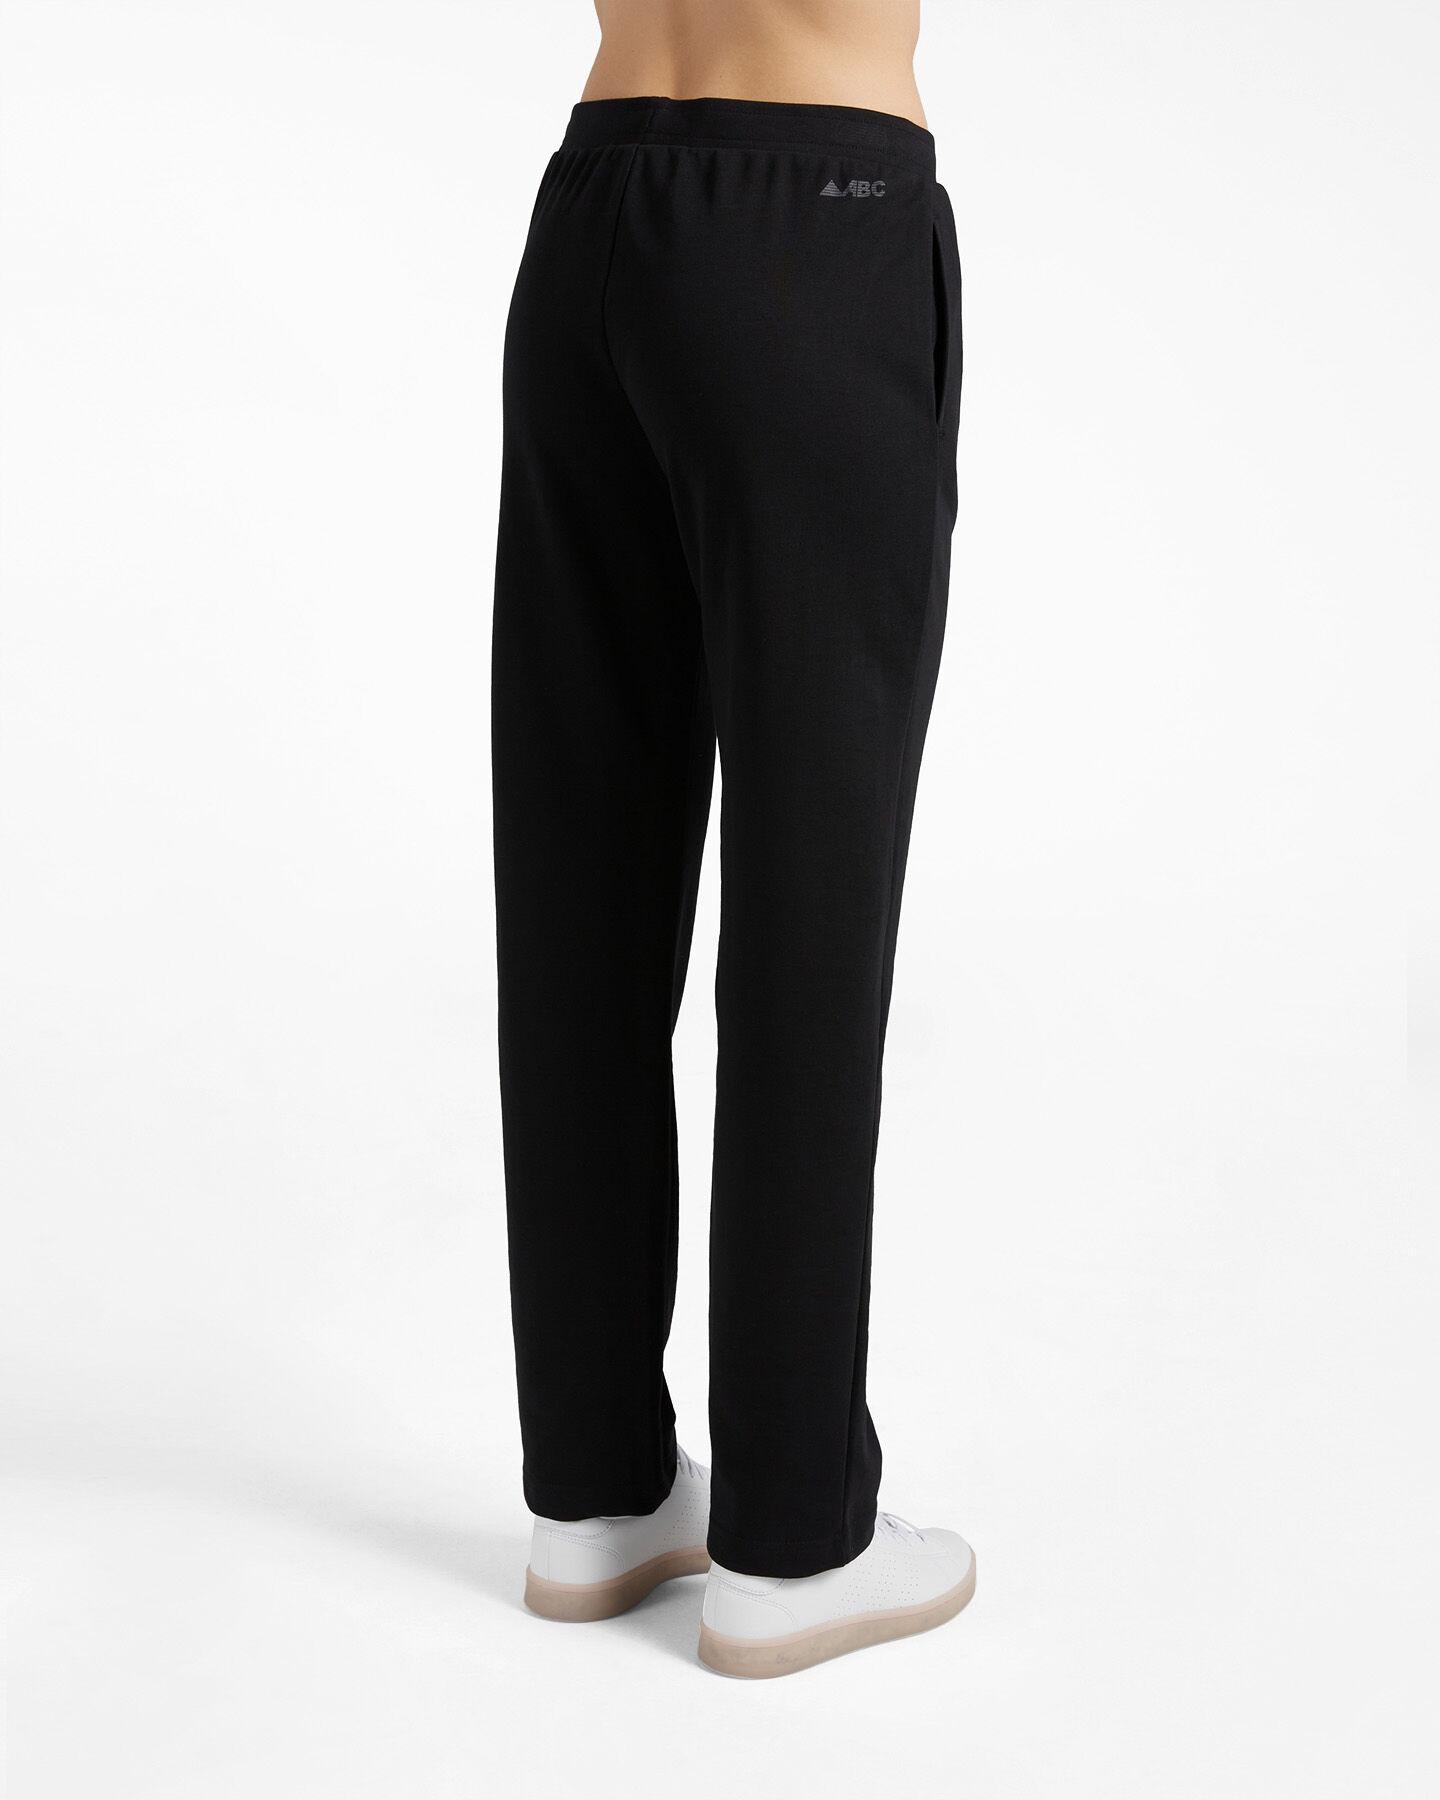 Pantalone ABC STRAIGHT W S5296358 scatto 1